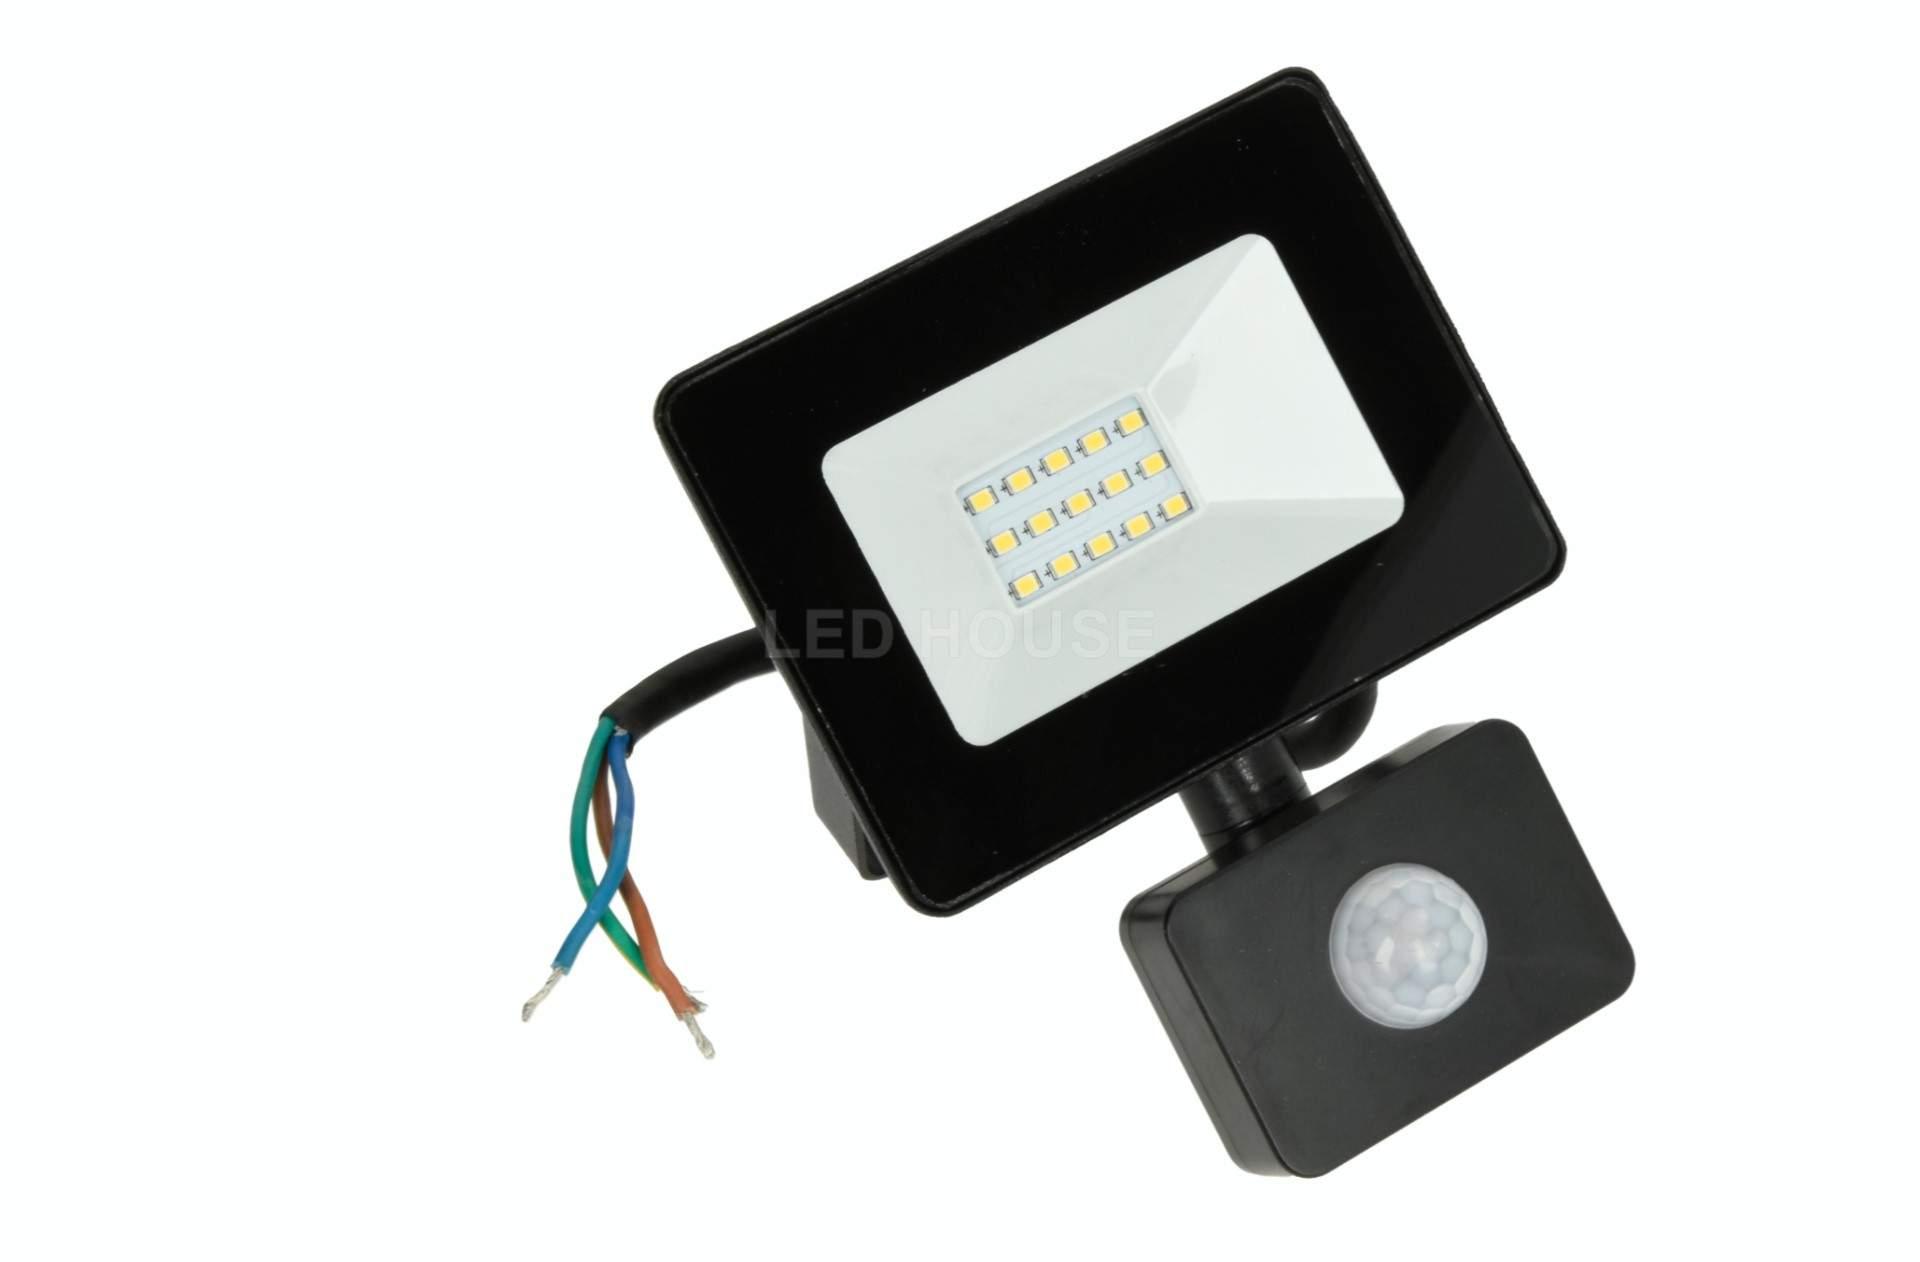 ЛЭД прожектор с датчиком движения ЛЭД прожектор с датчиком движения AIGOSTAR Slim черный  10W 900lm CRI70  120° IP65 4000K дневной белый